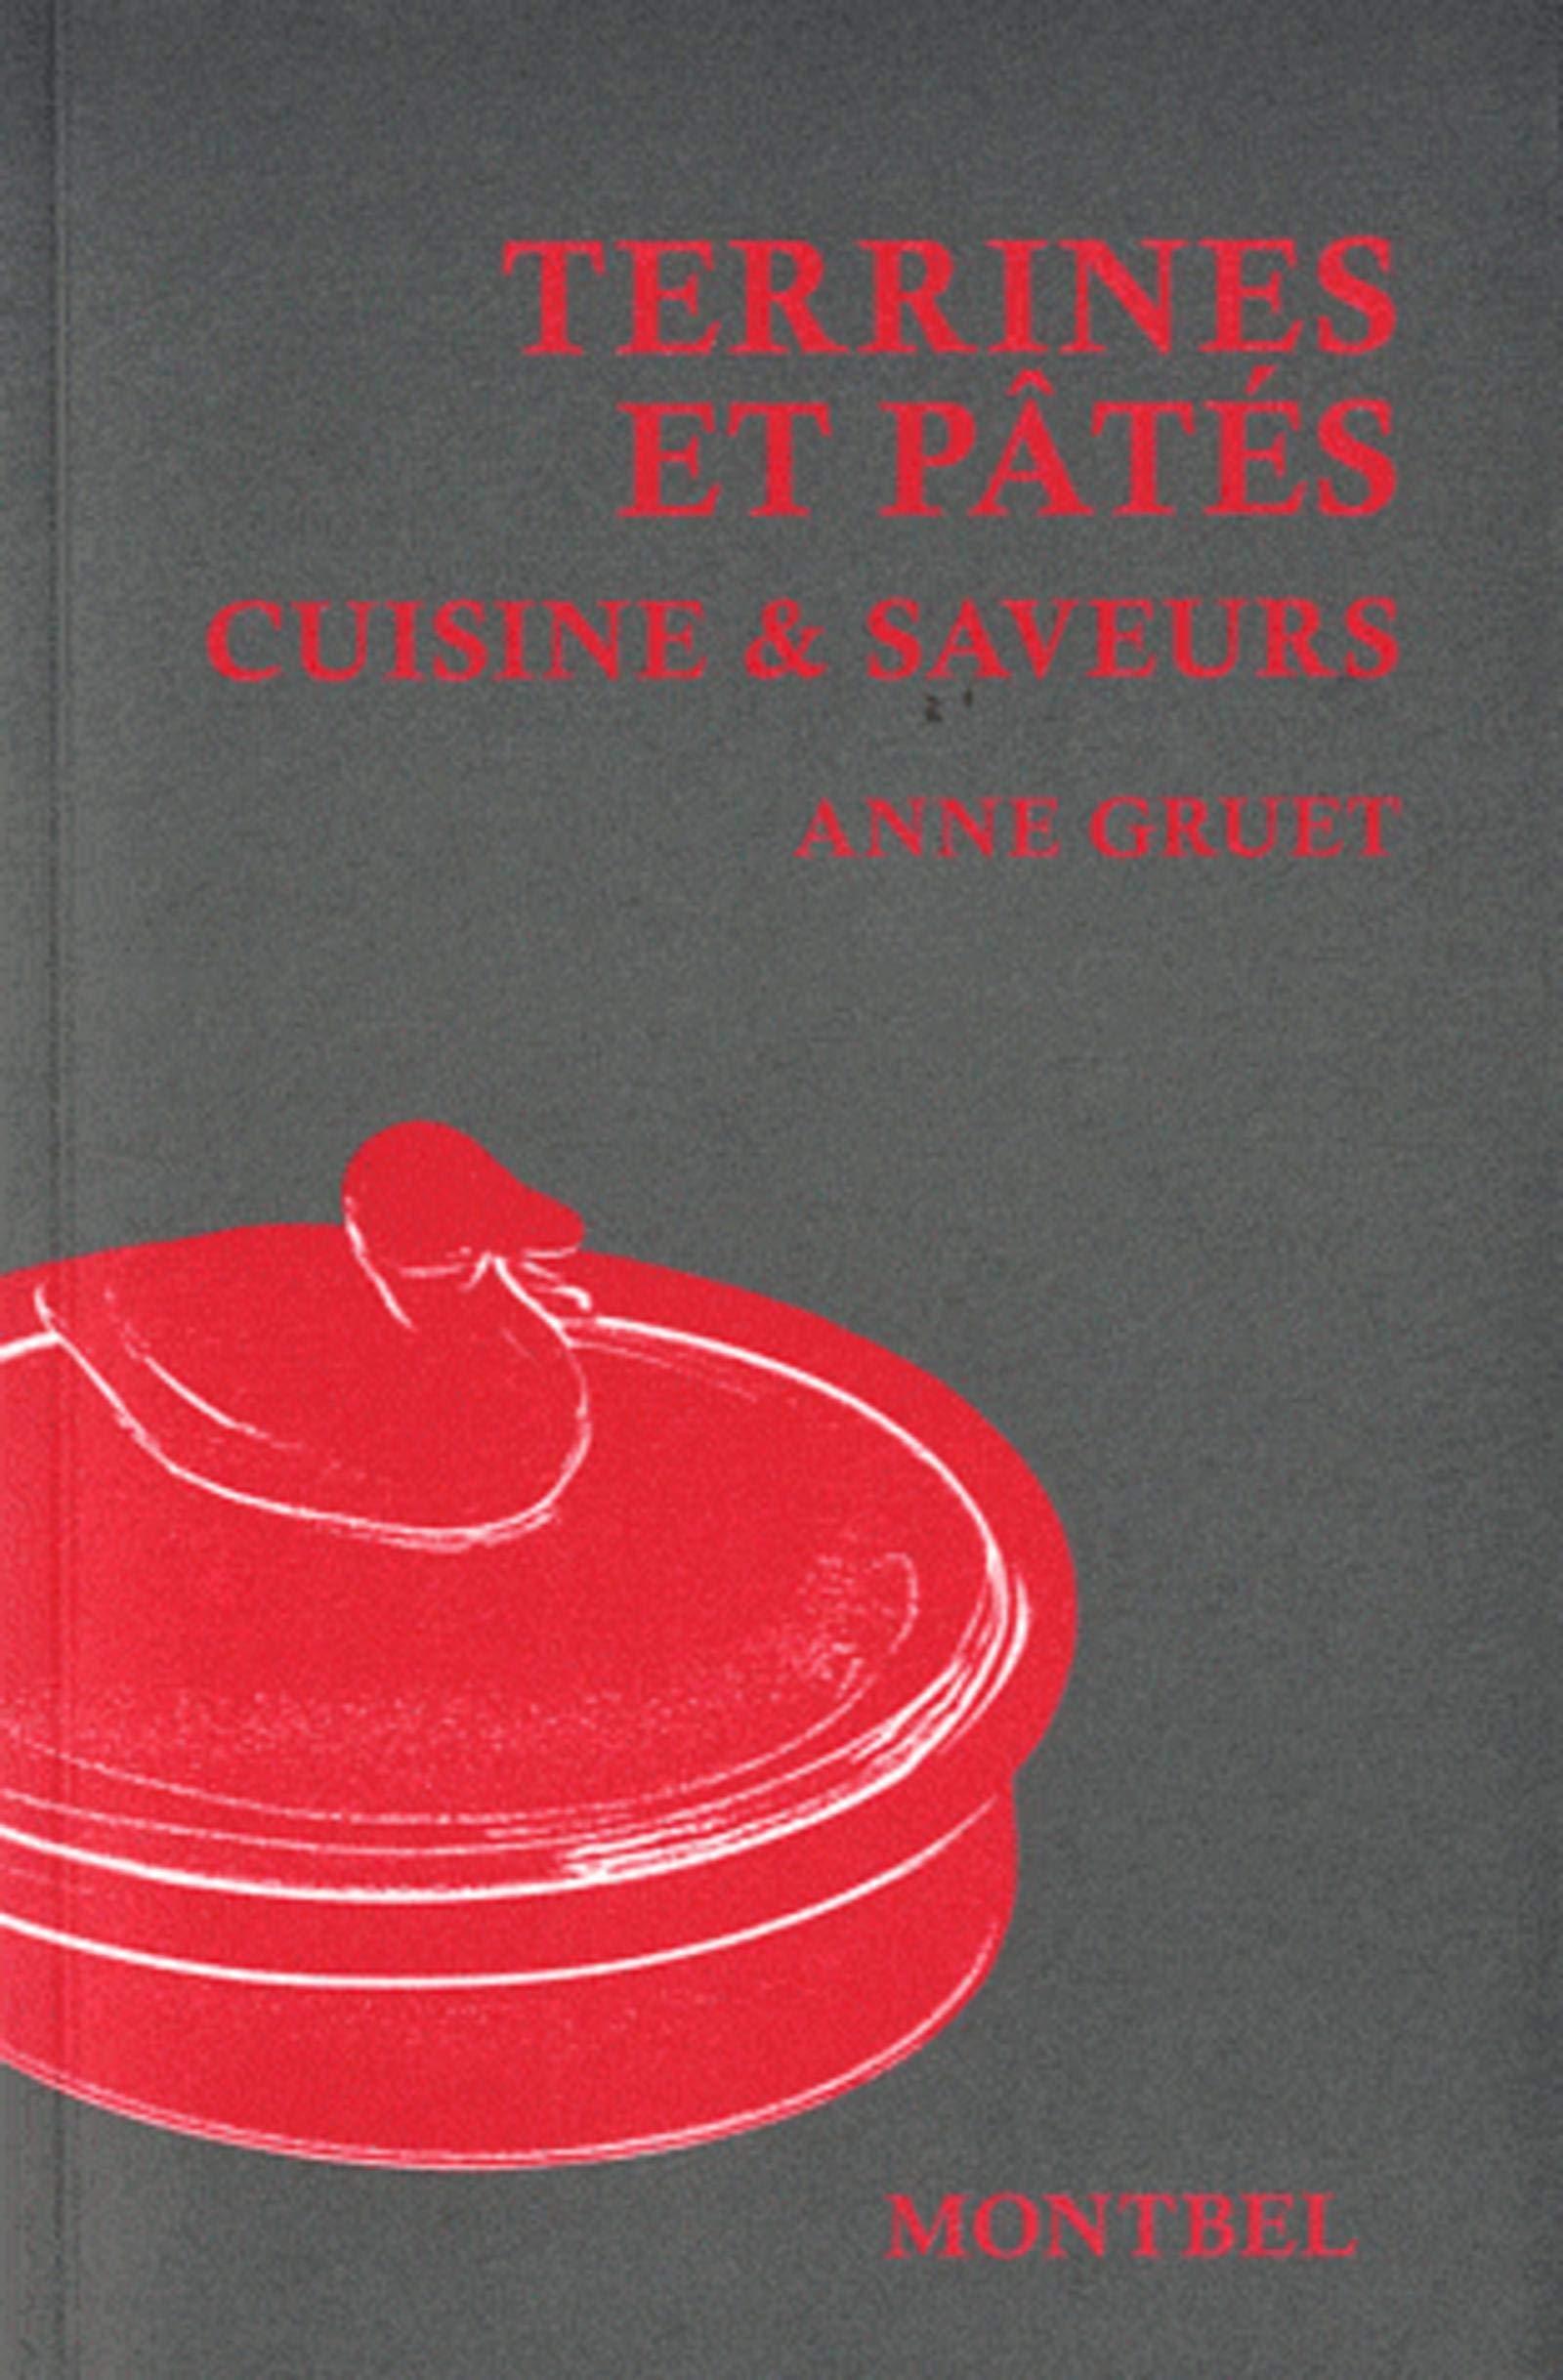 Terrines Et Pates Cuisine Et Saveurs Diners De Chasse French